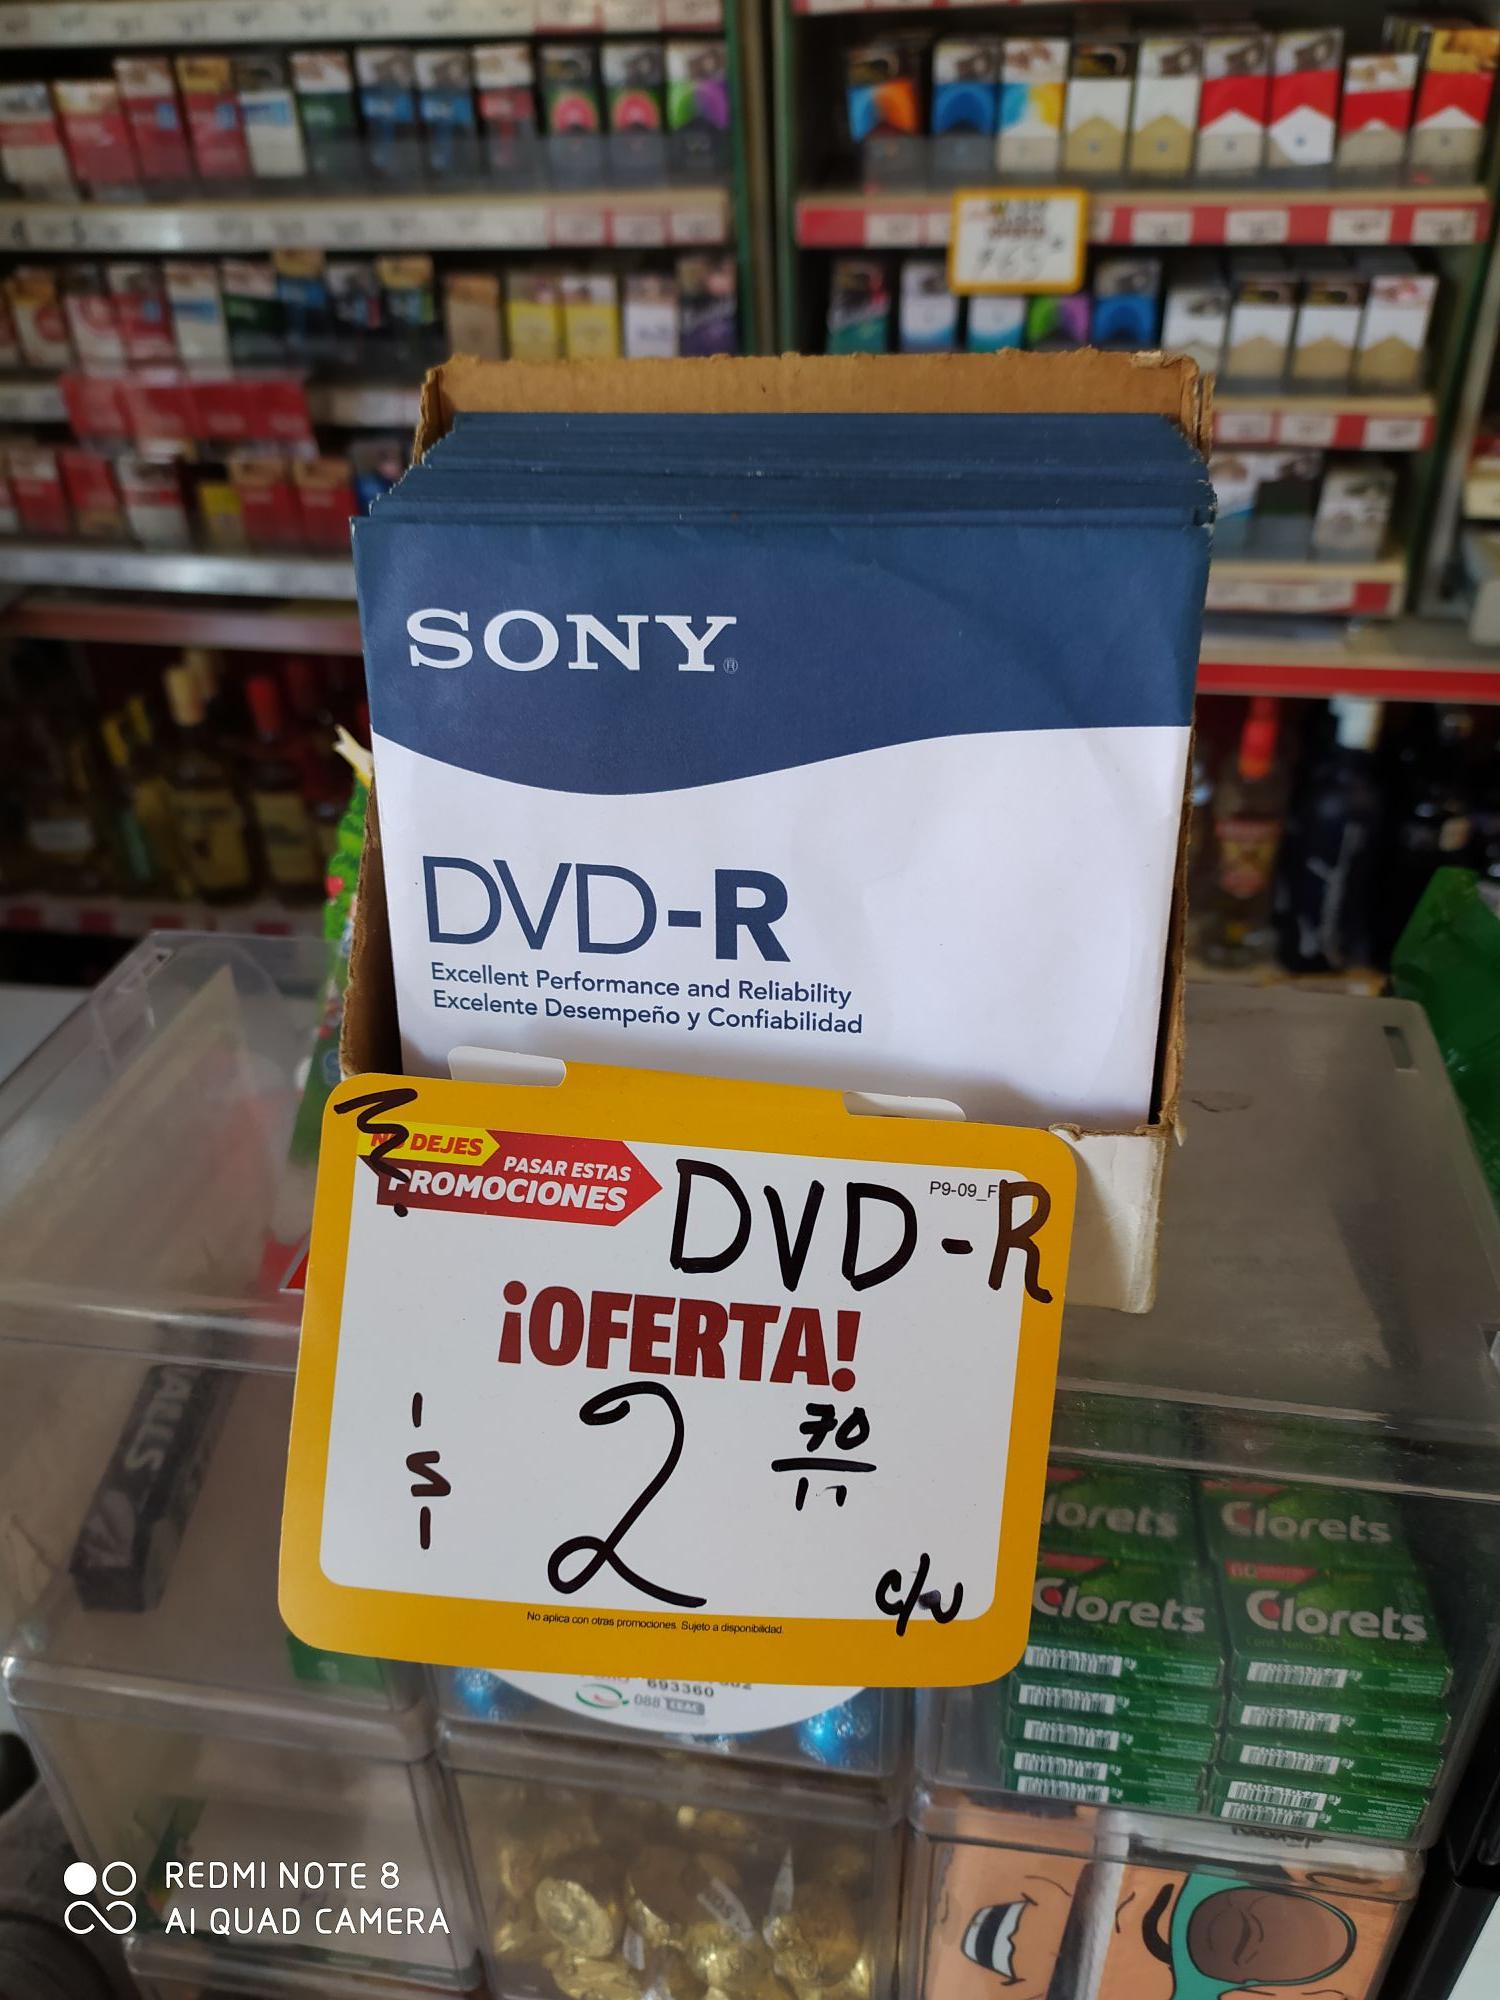 OXXO: DVD-R